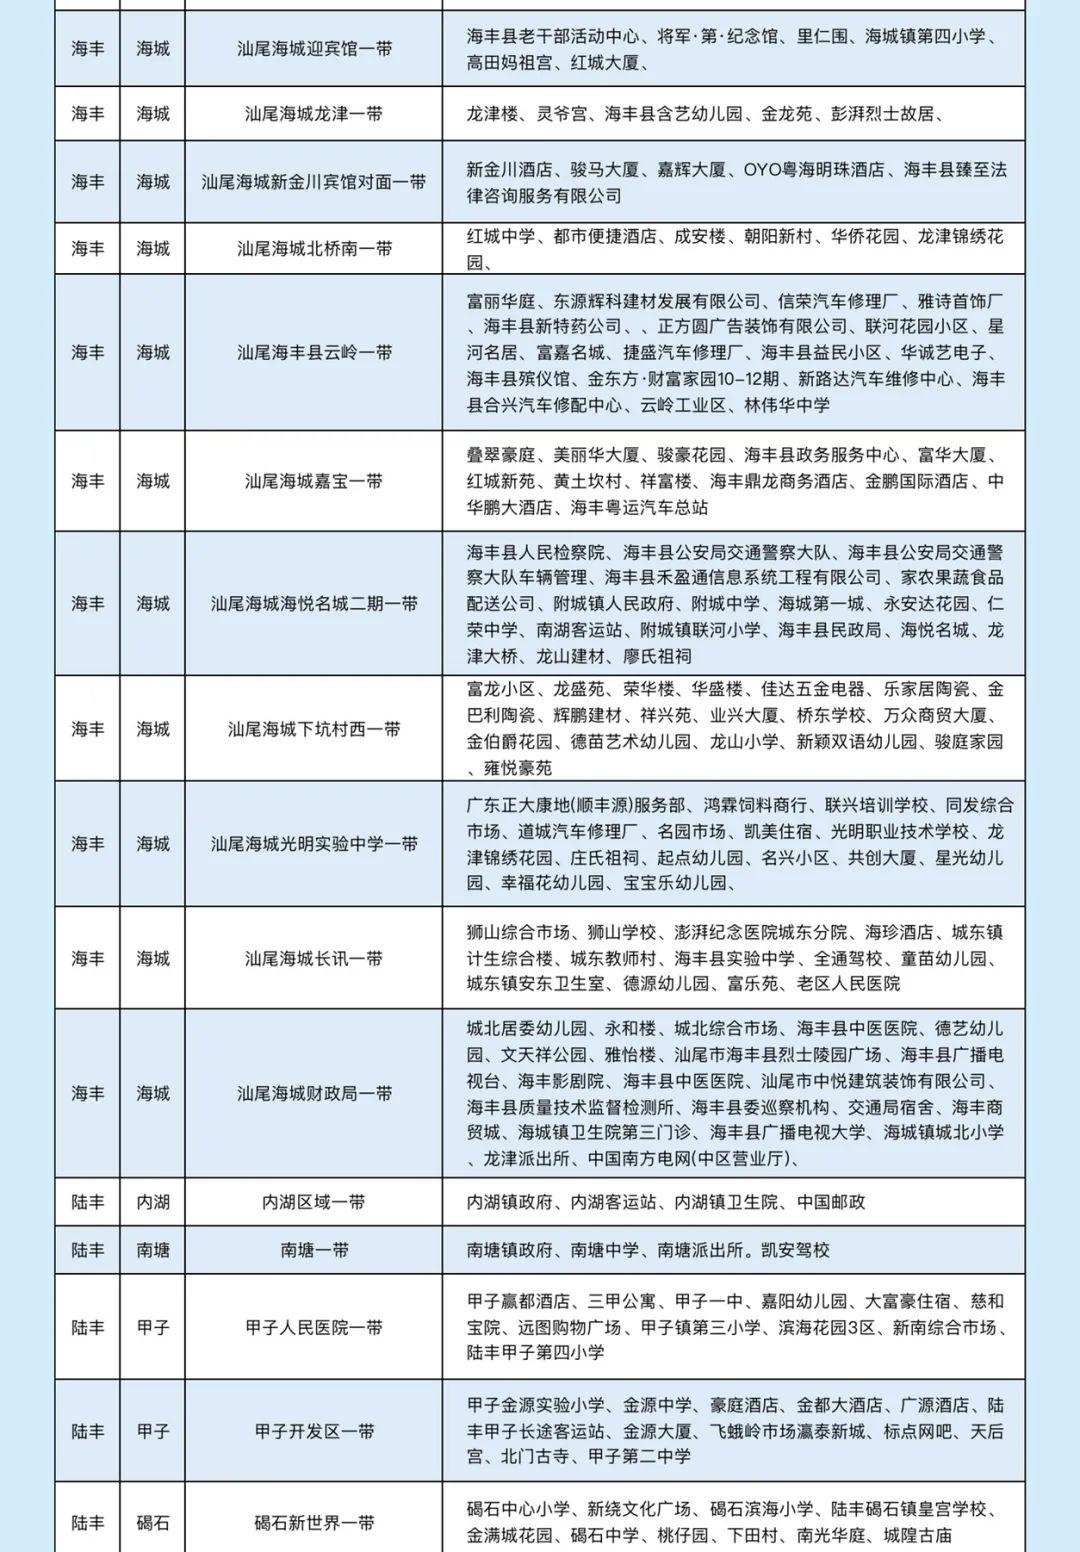 汕尾移动公布2020年中汕尾全市5G最新覆盖范围 汕尾新闻 第4张